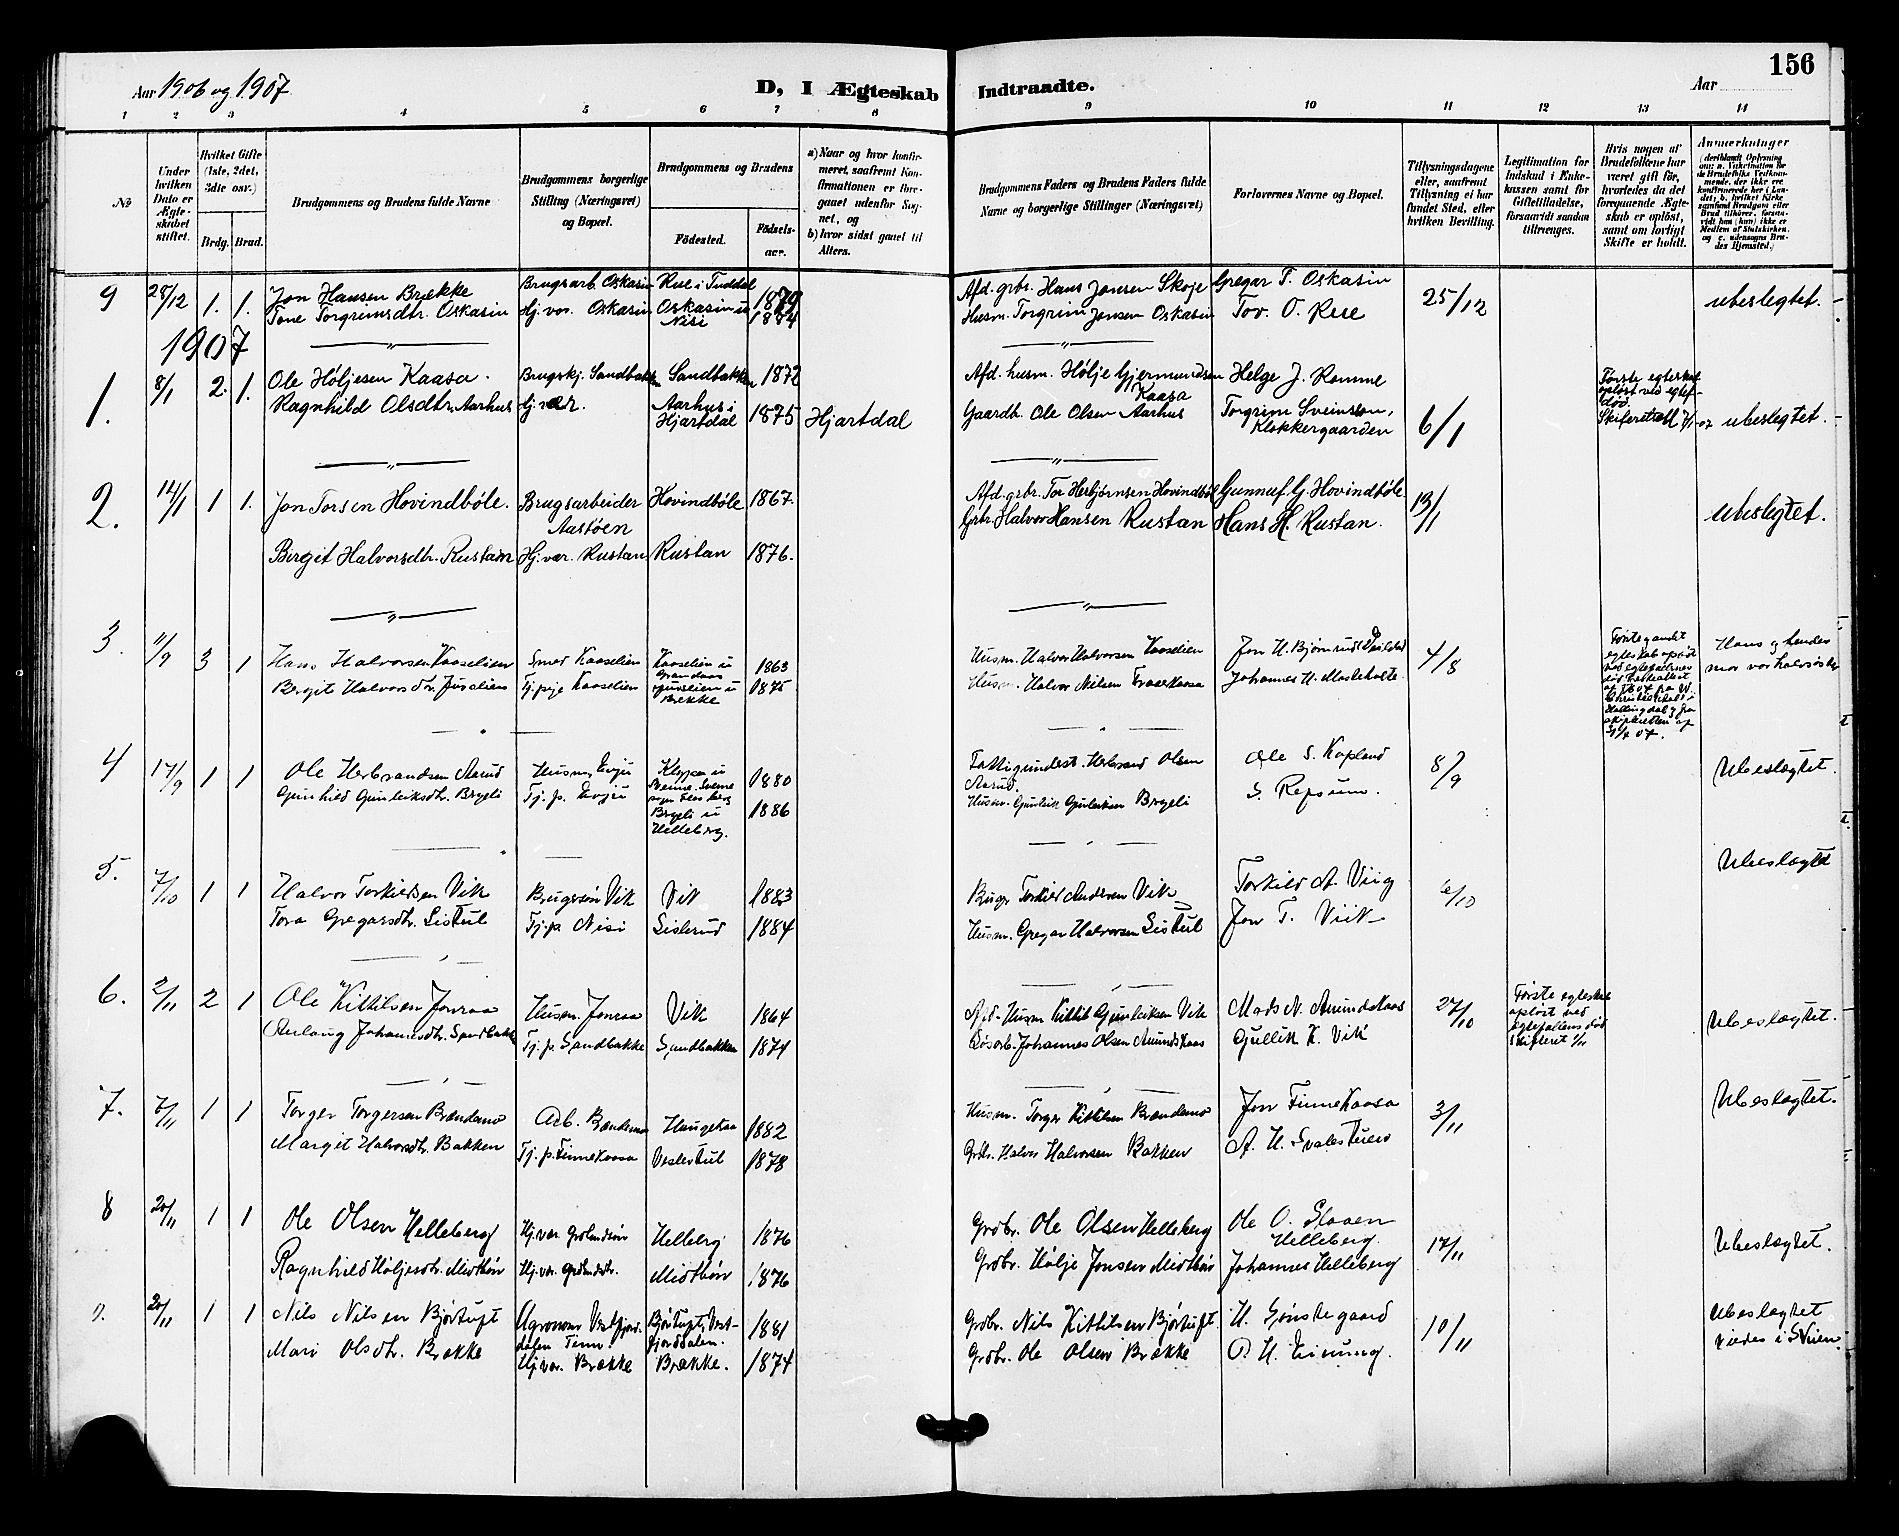 SAKO, Gransherad kirkebøker, G/Ga/L0003: Klokkerbok nr. I 3, 1887-1915, s. 156